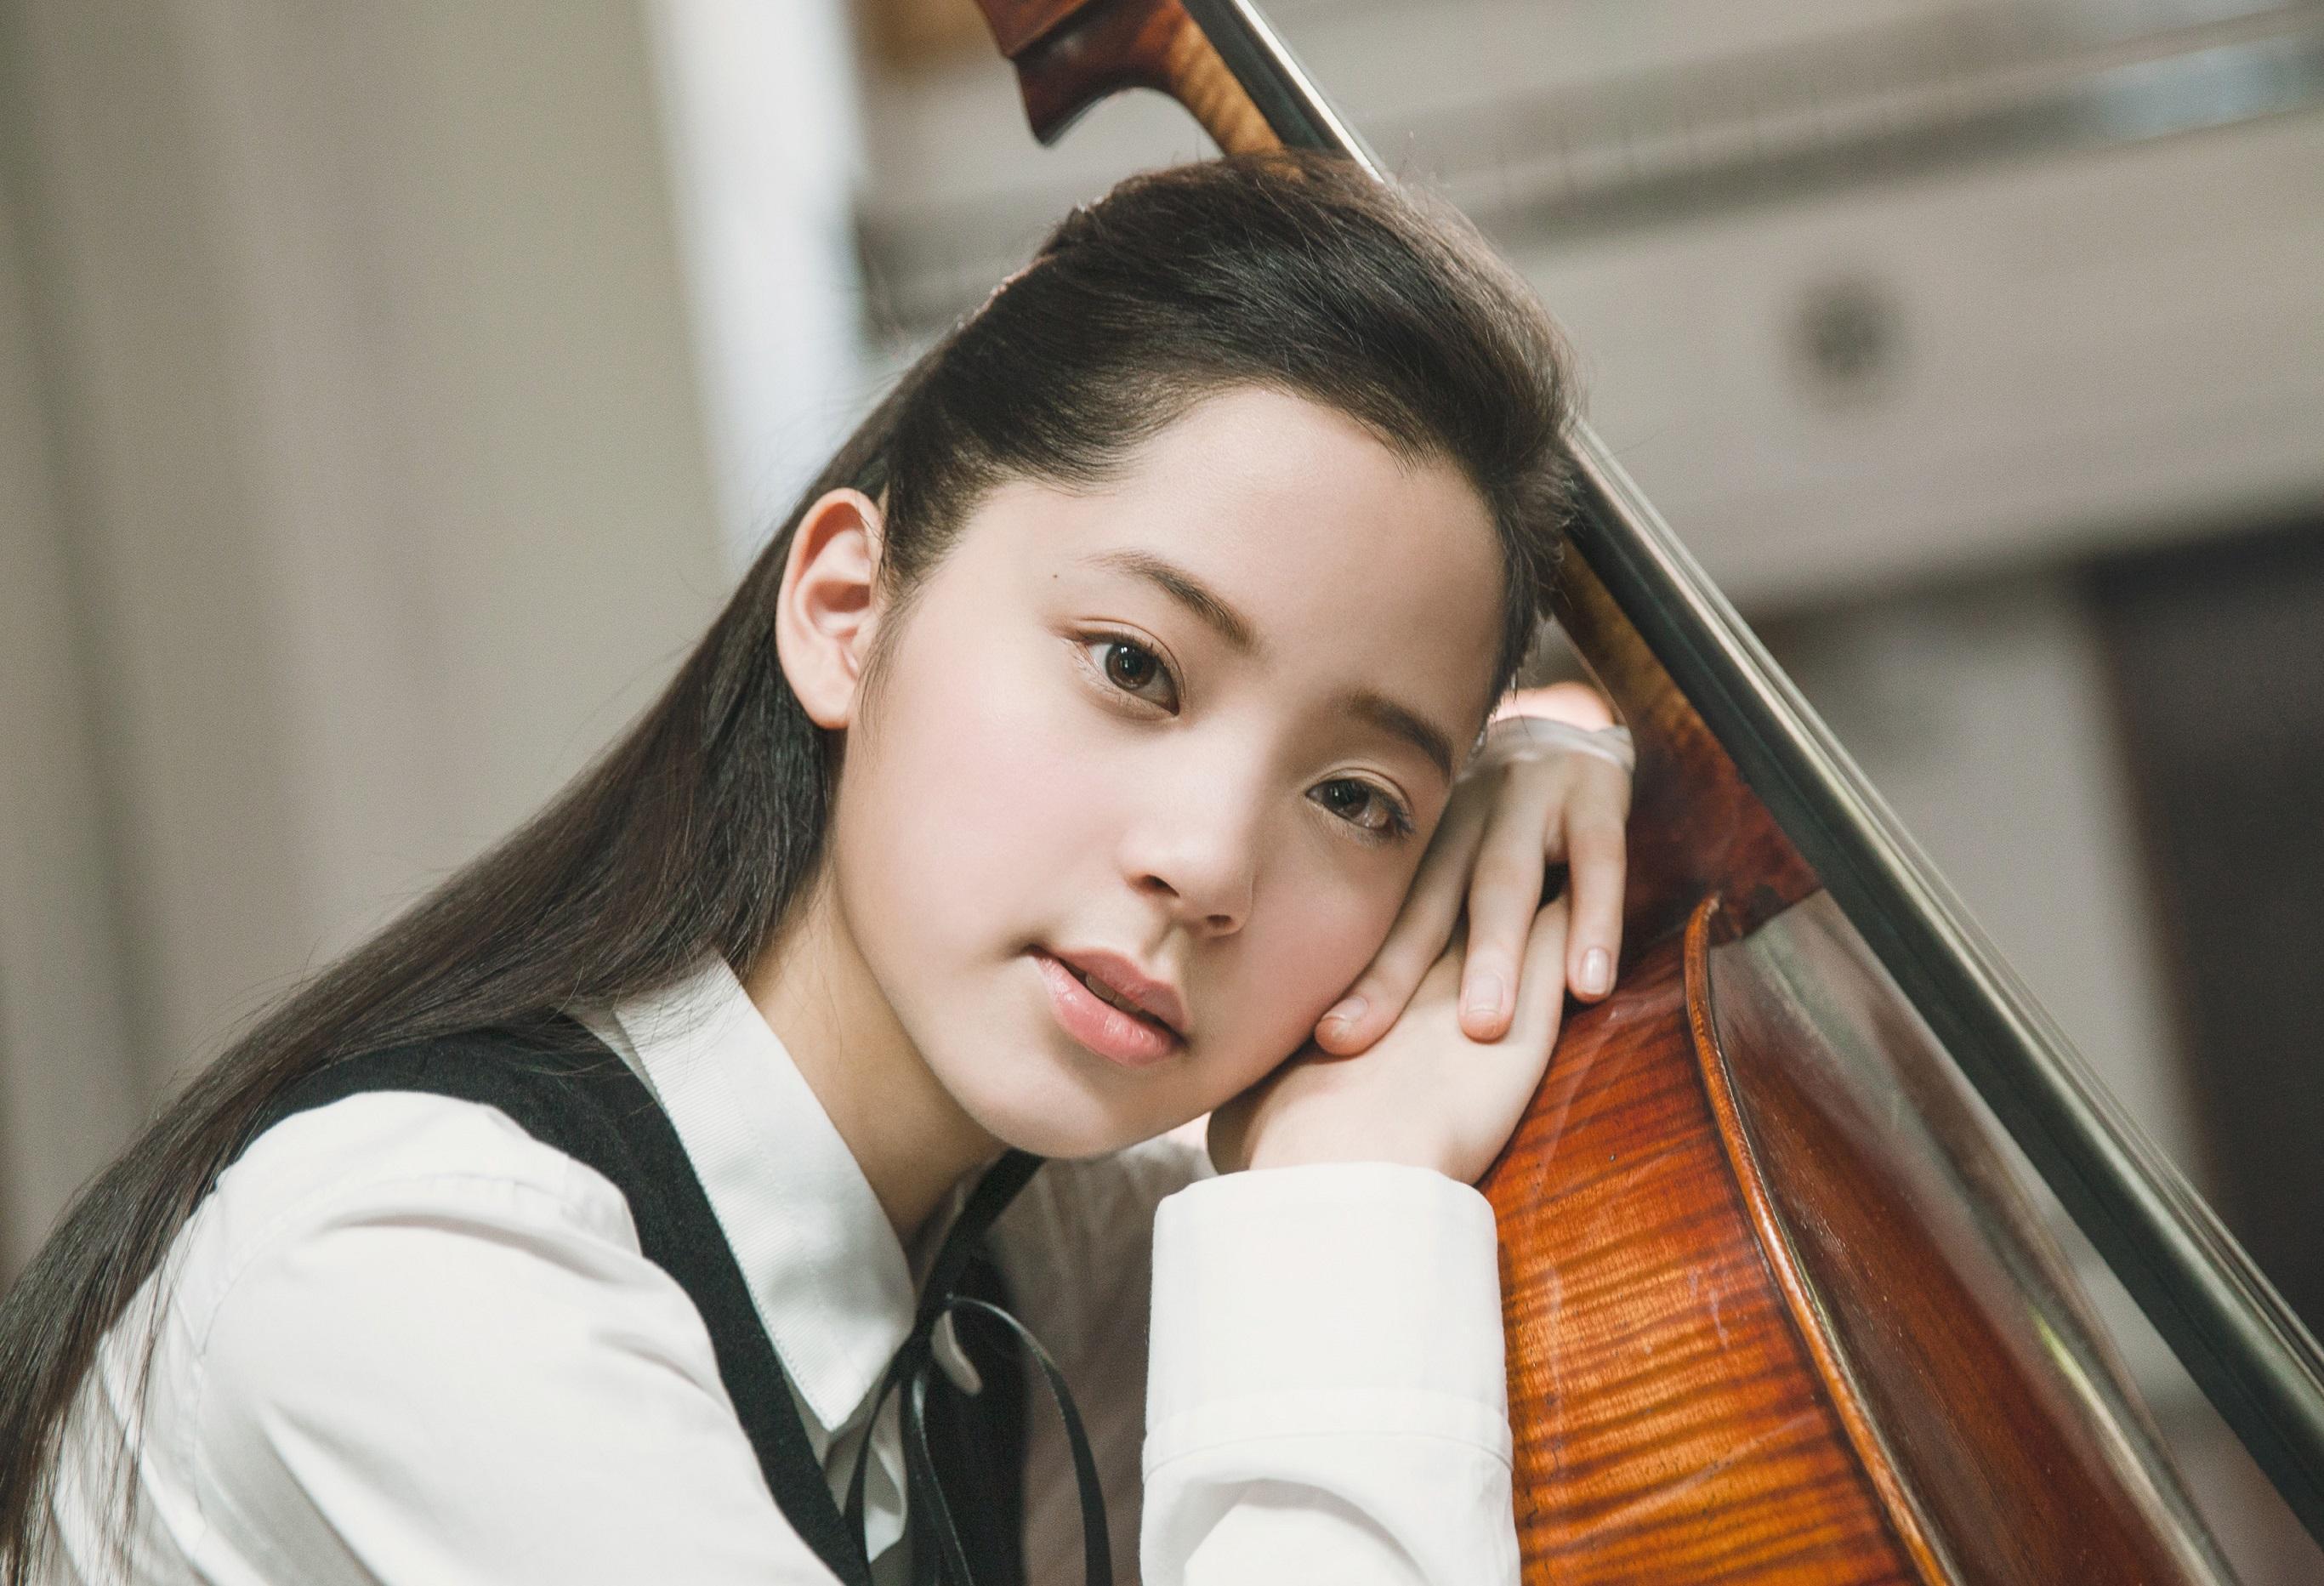 欧阳娜娜学校演出当主唱,身旁吉他手是 台湾天团男神